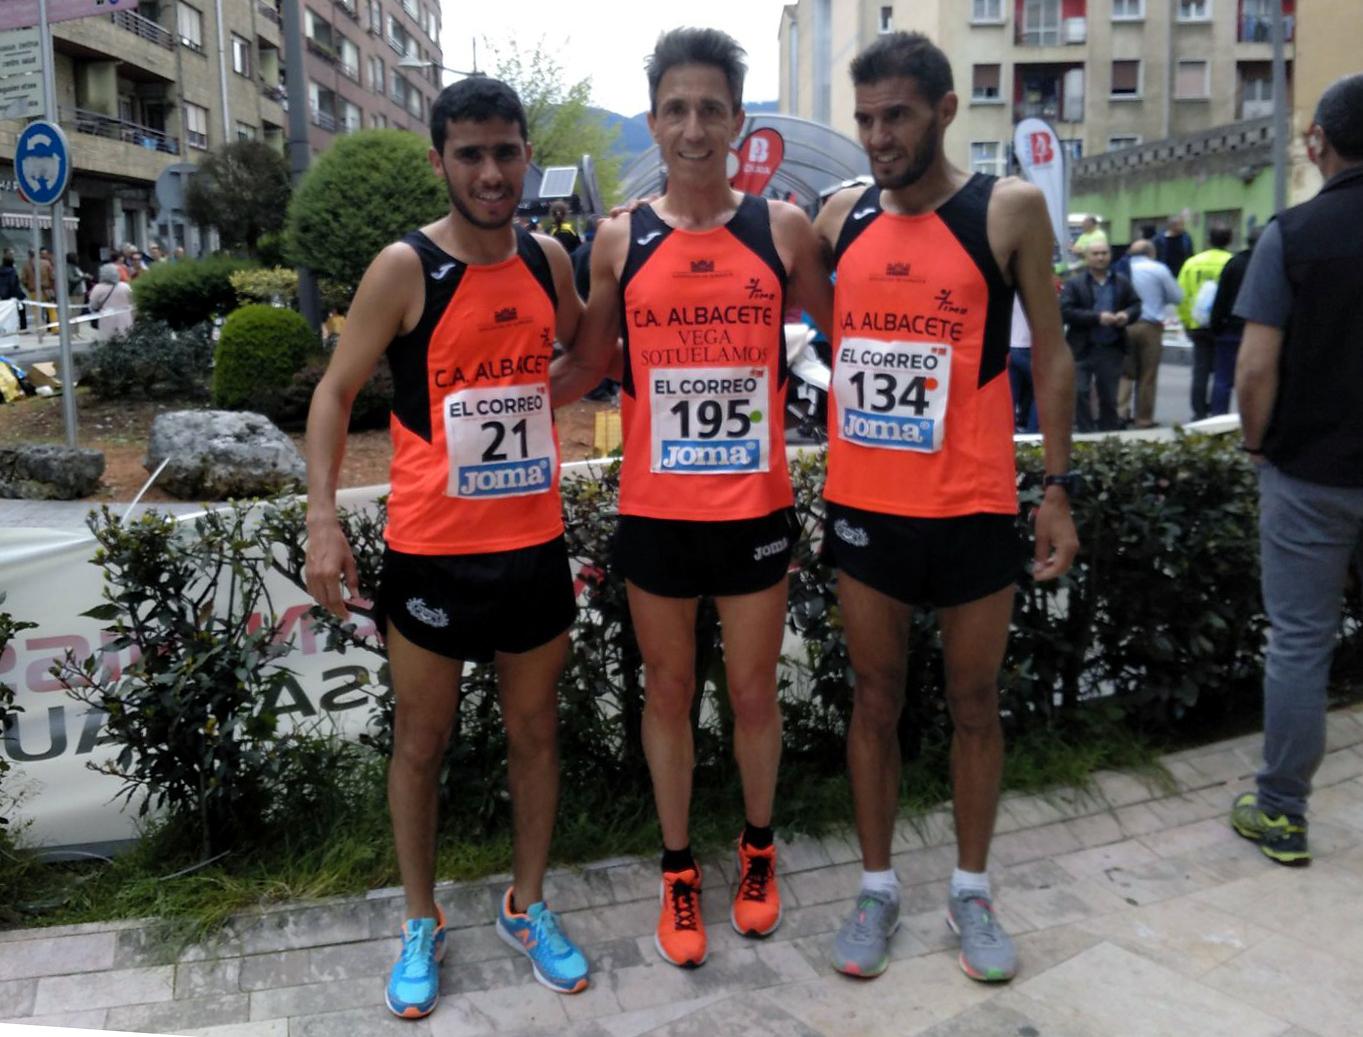 Club de Atletismo Albacete-Diputación